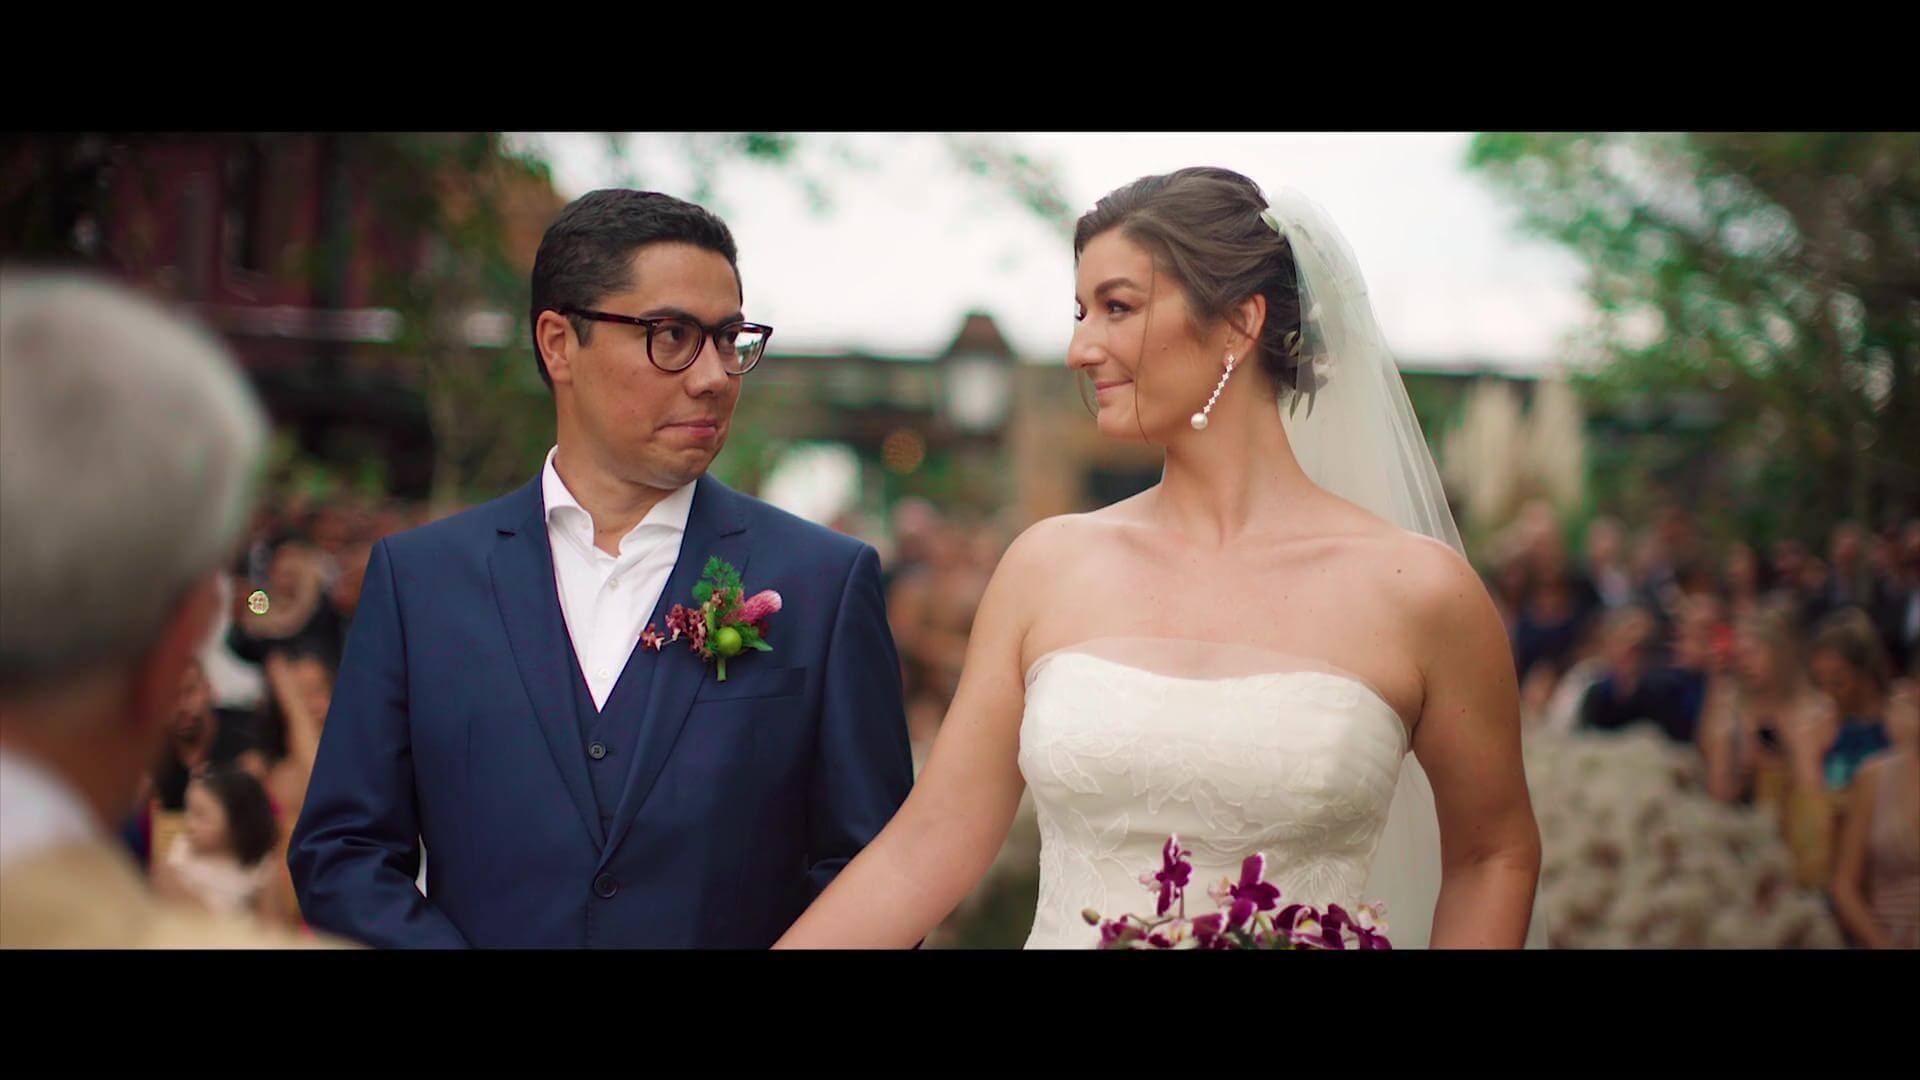 glenda_e_cassio_destination_wedding_fazenda_rio_grande_do_sul00020